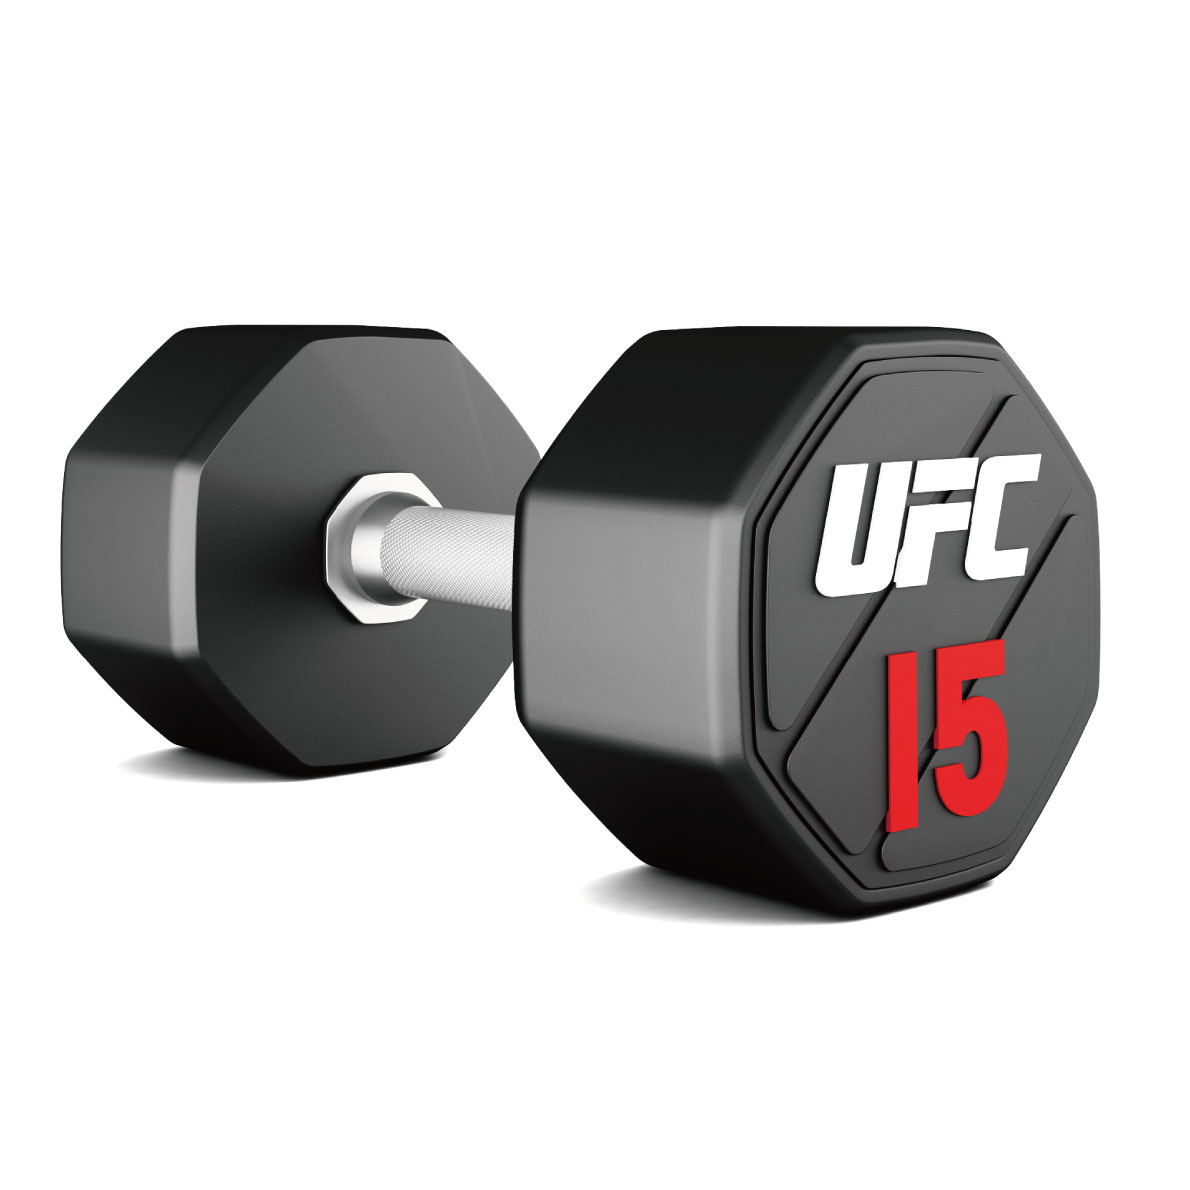 ウレタンダンベル/アレーの5ペアセット(42kg-50kg)〈業務用〉《総合格闘技UFCオフィシャル》